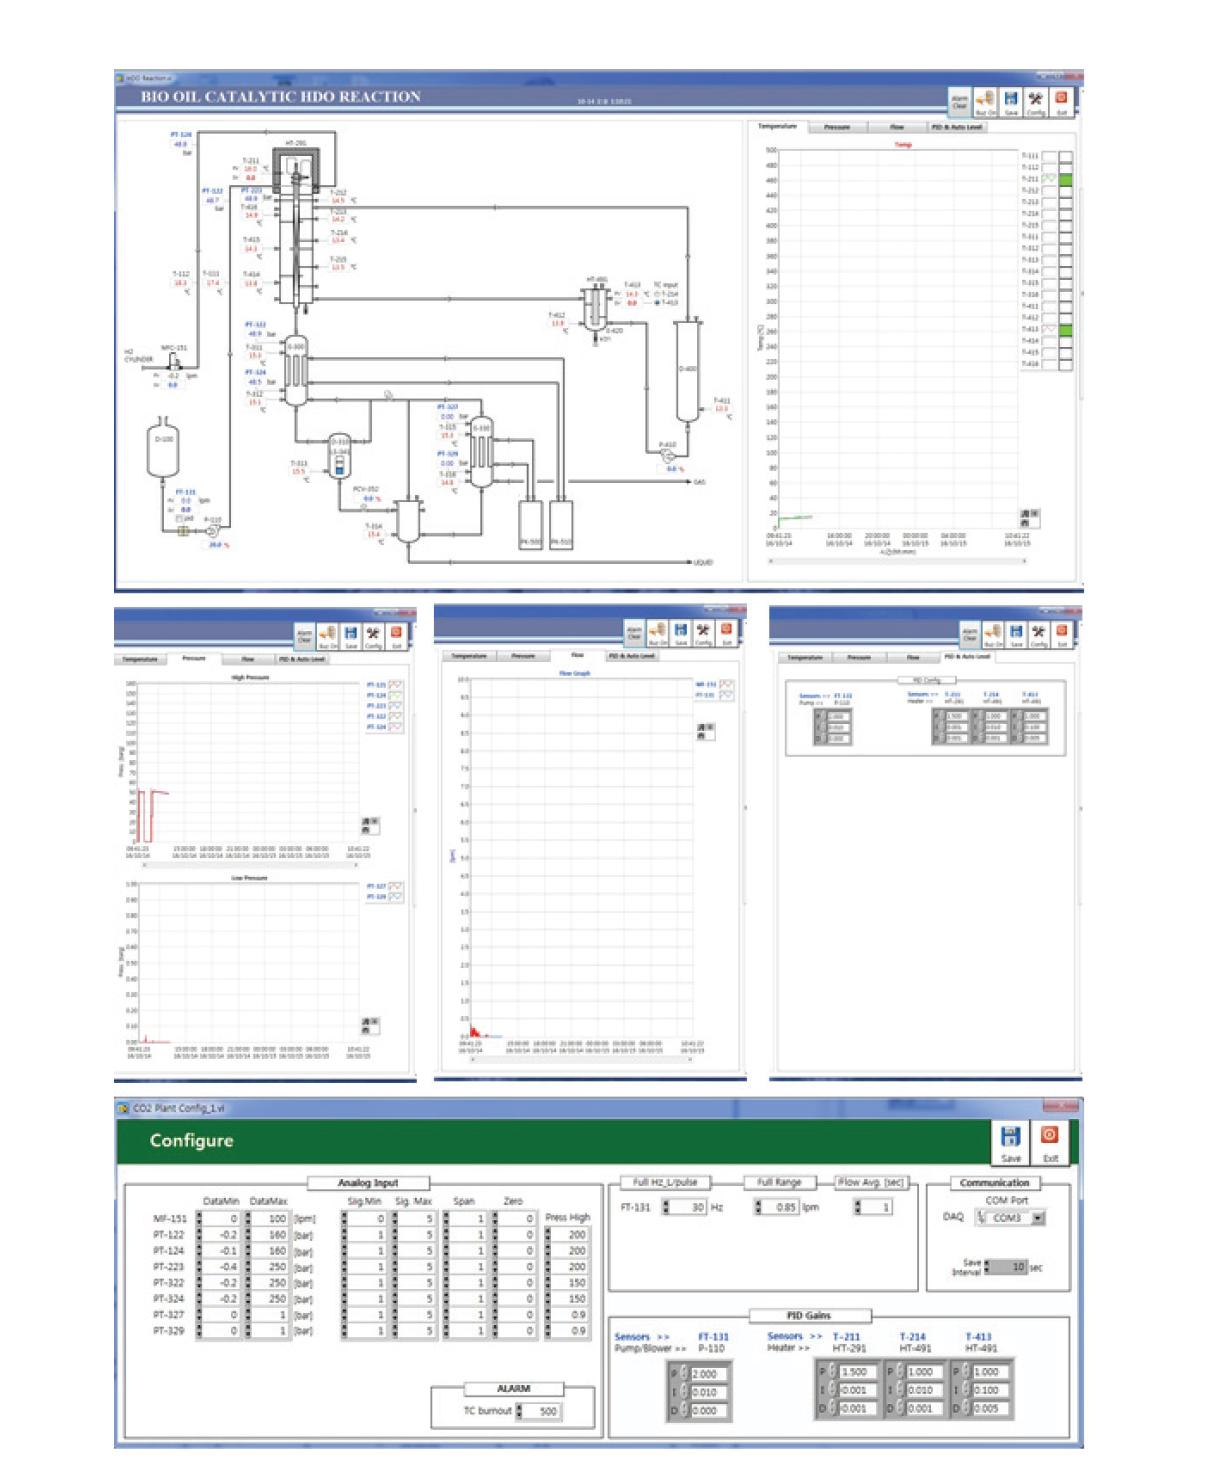 연속 HDO 장치 Control & Data Collection System 설계